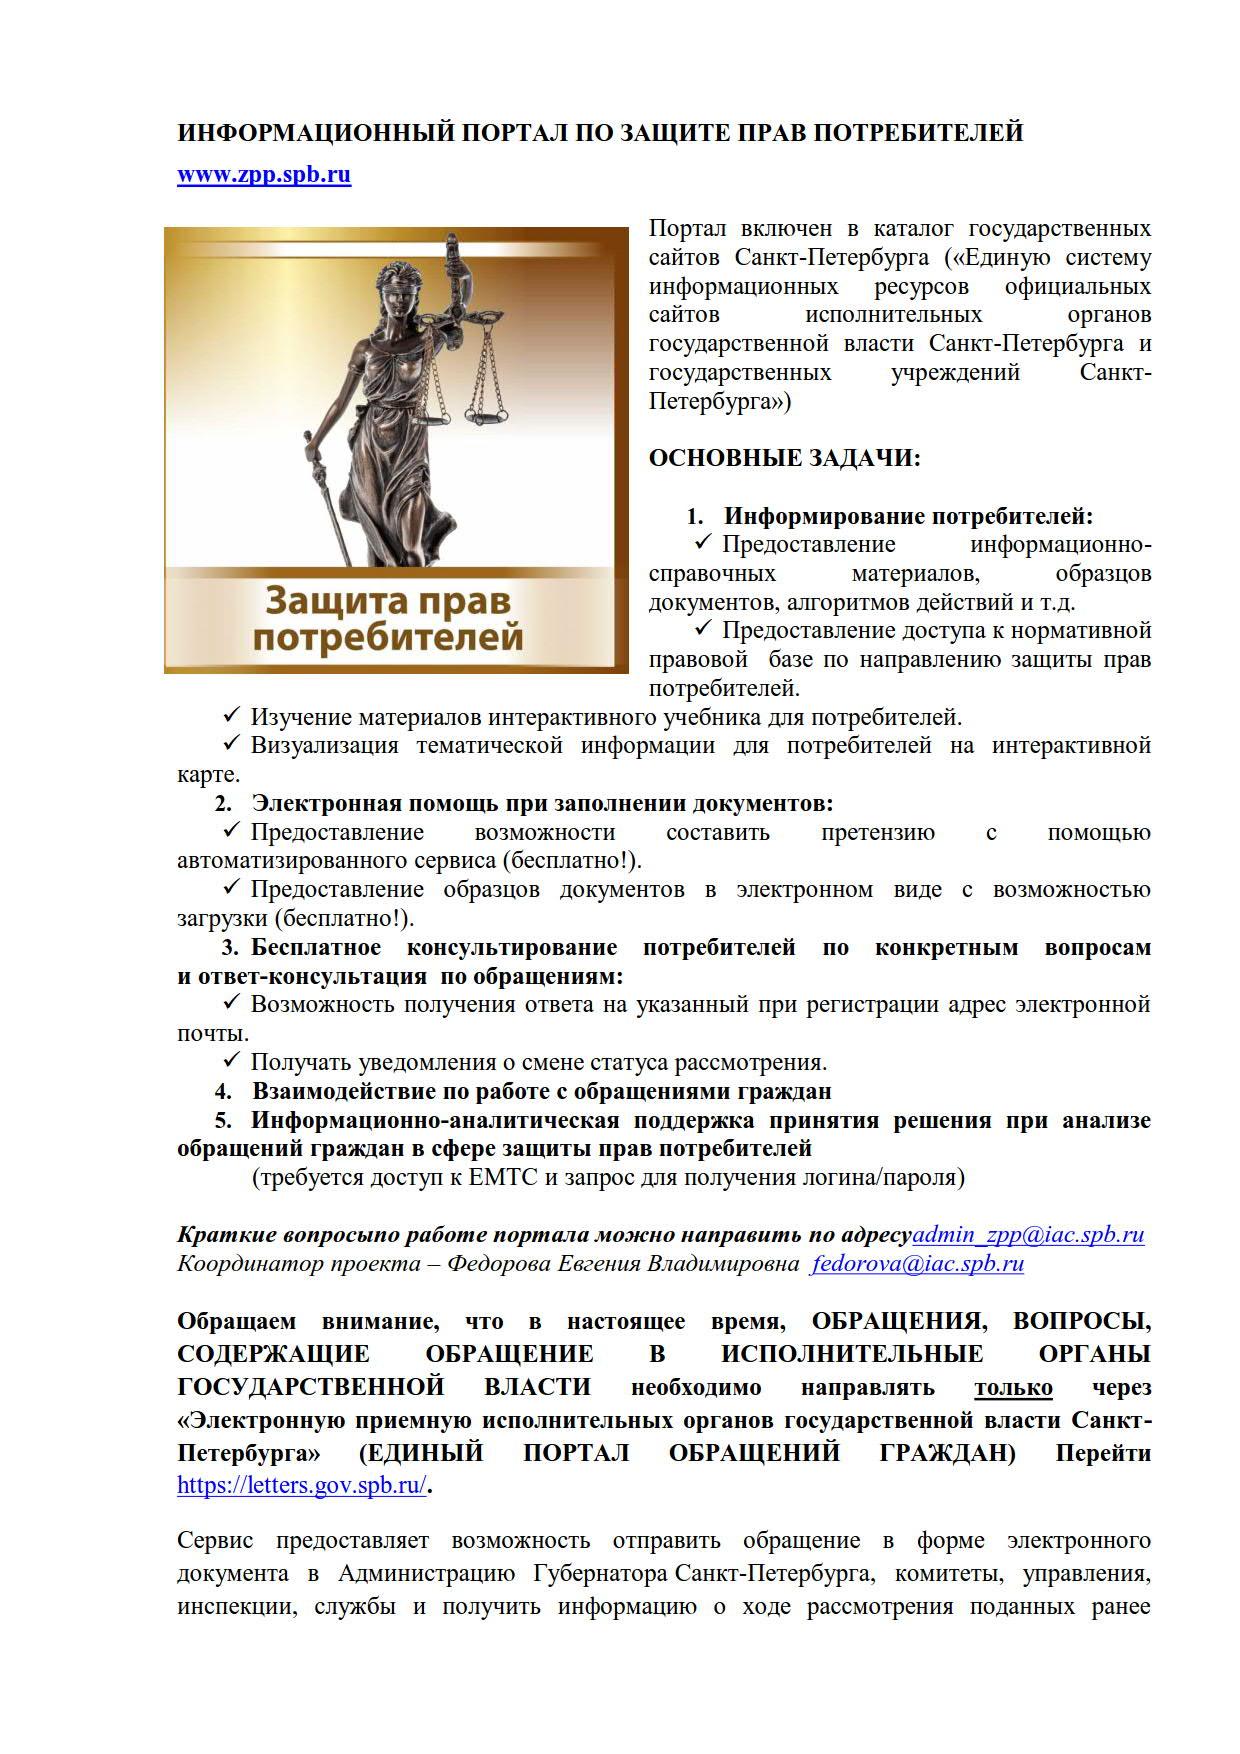 Информация_ЗПП_1